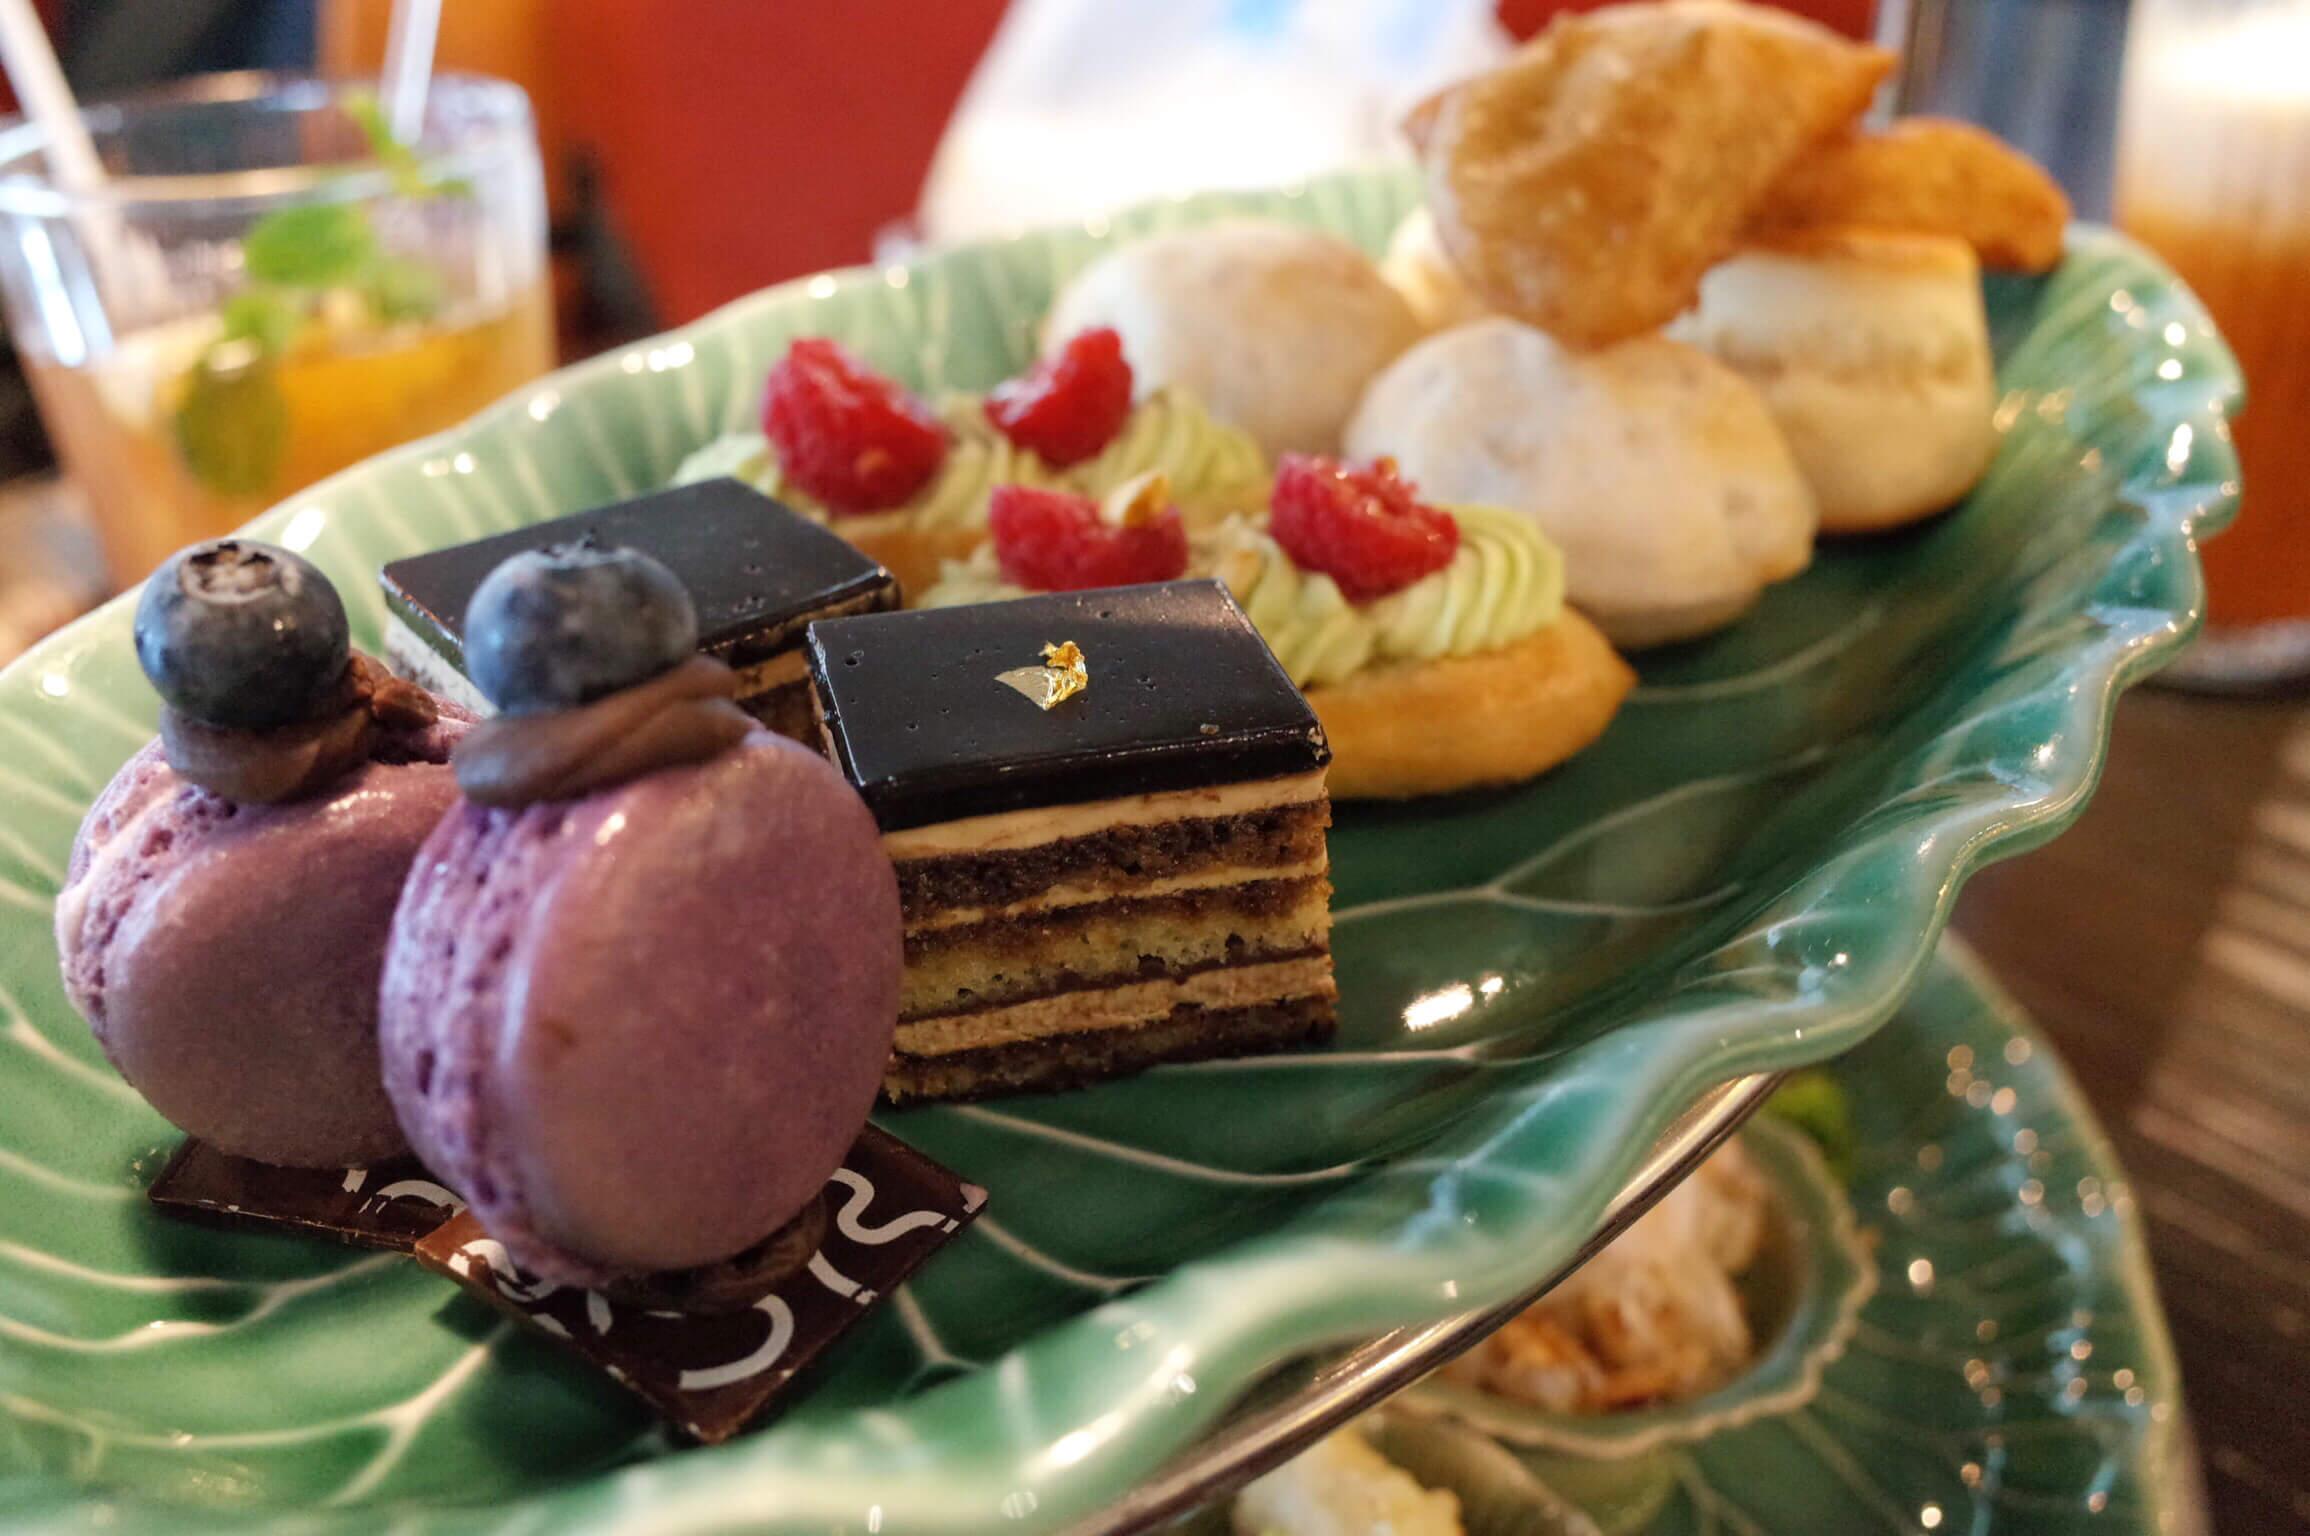 エラワン・ティールーム バンコク〜 アフタヌーンティーは量も味も満足!タイスイーツで優雅な午後を!